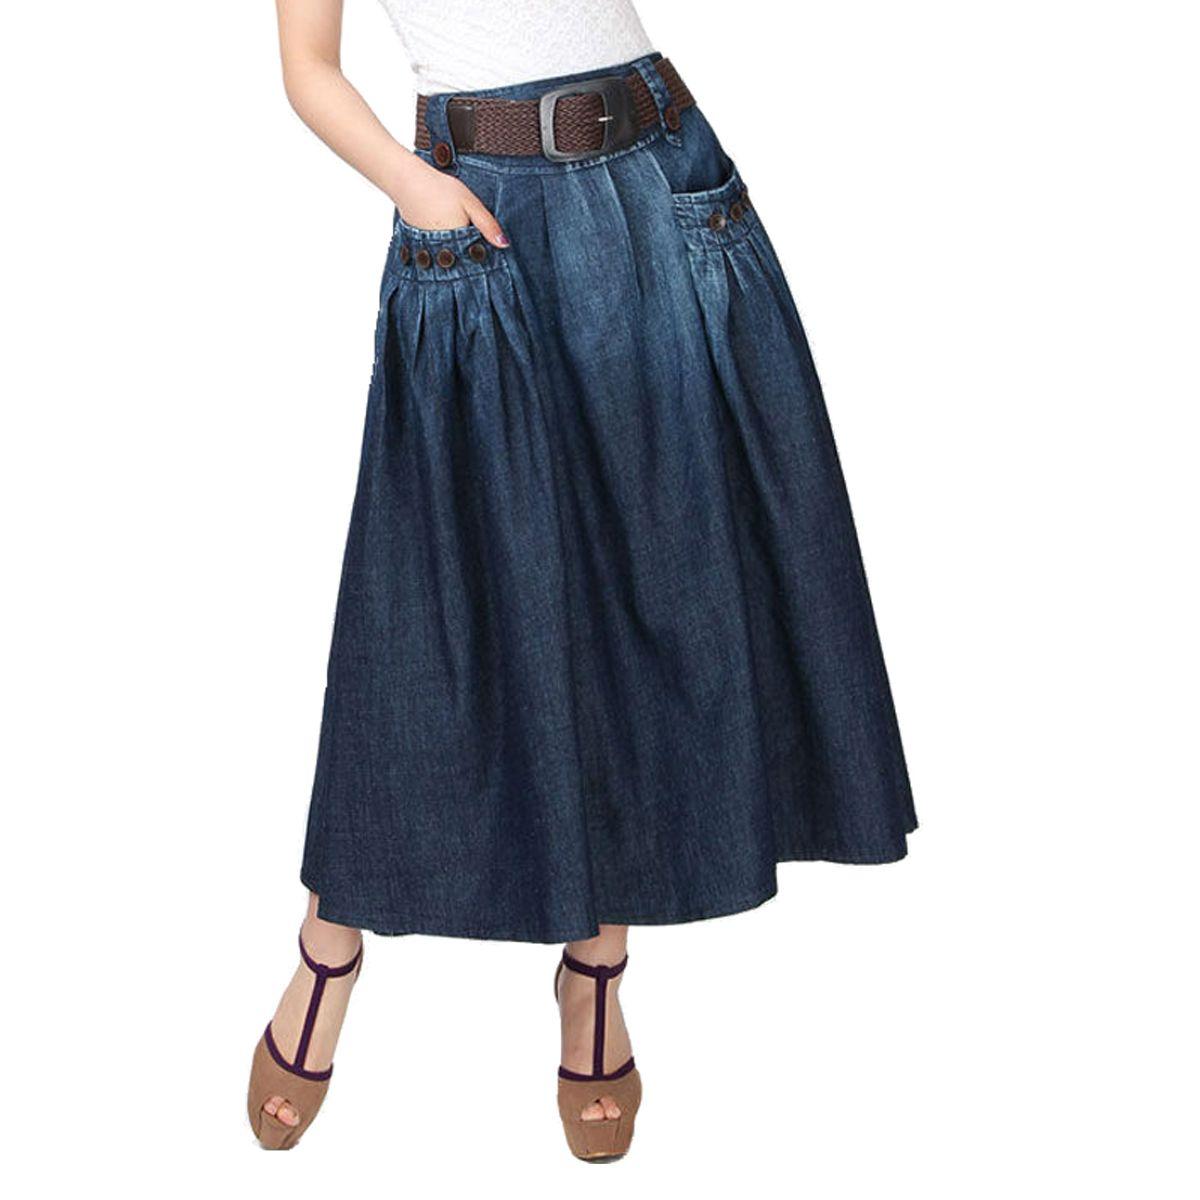 603fc3f37 Compre Envío Gratis 2016 Nueva Primavera Verano Moda Vintage Denim Sueltos  Casual Jeans Faldas Largas Para Mujer Con Cinturón   Feminina Falda Vaquera  A ...